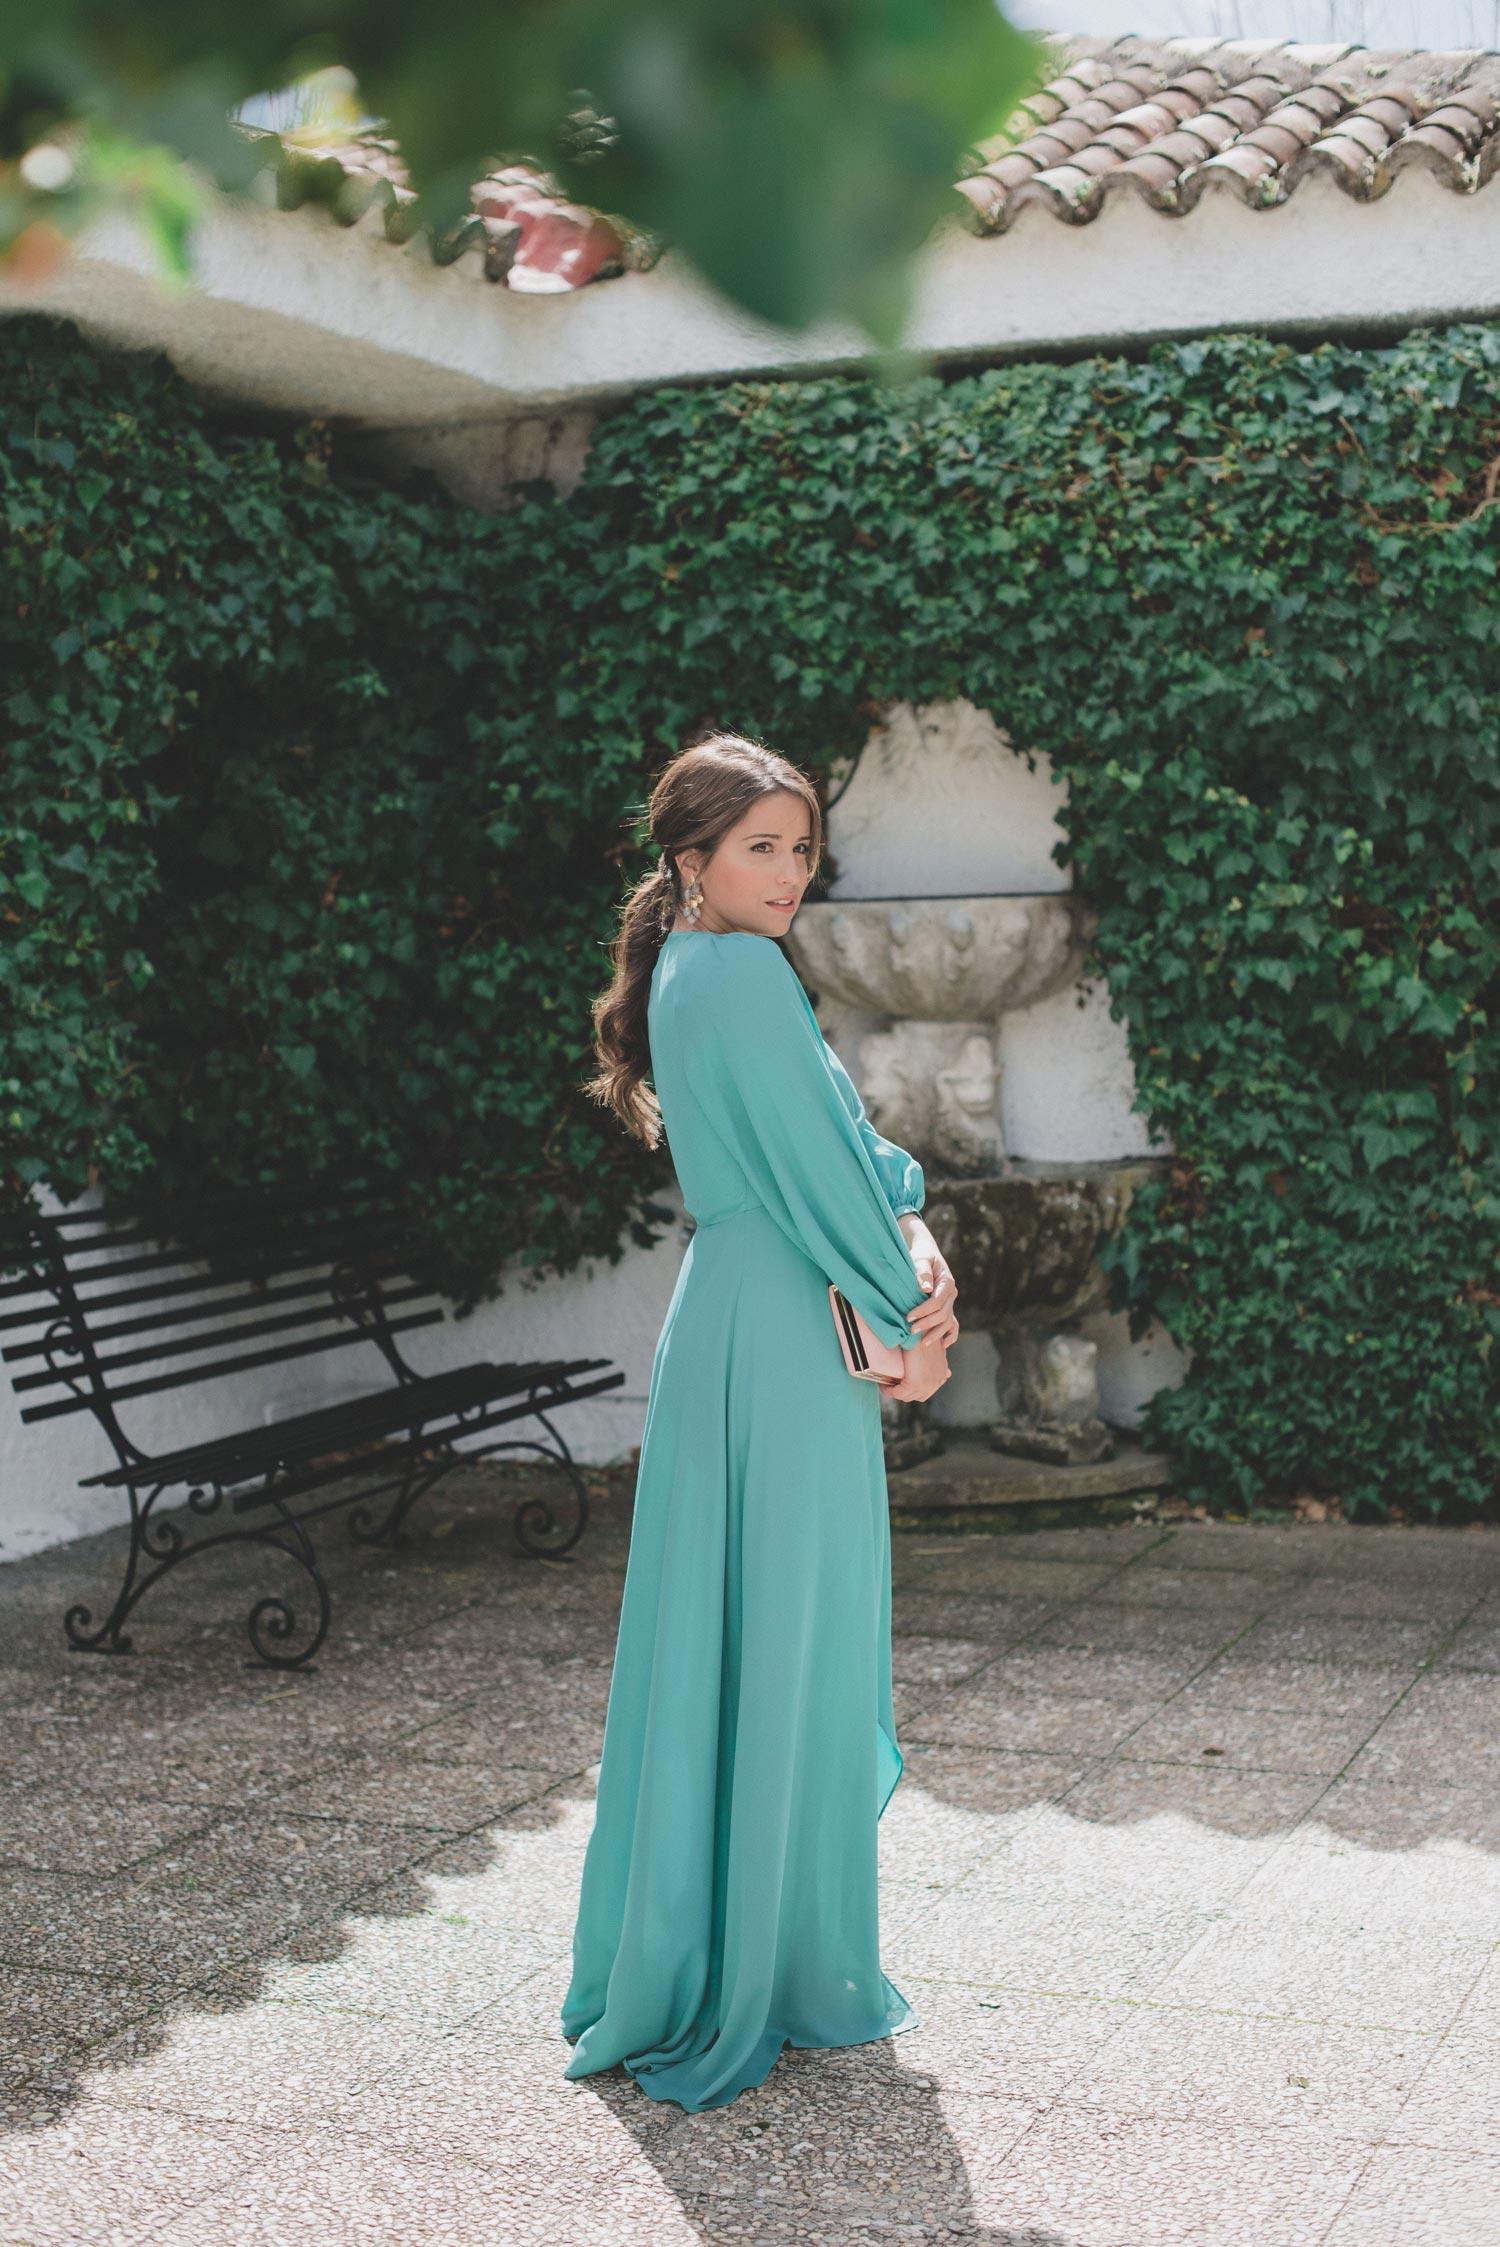 loreto-made-in-style-pendientes-acus-complementos-vestido-largo-invitada-sophie-lu-02